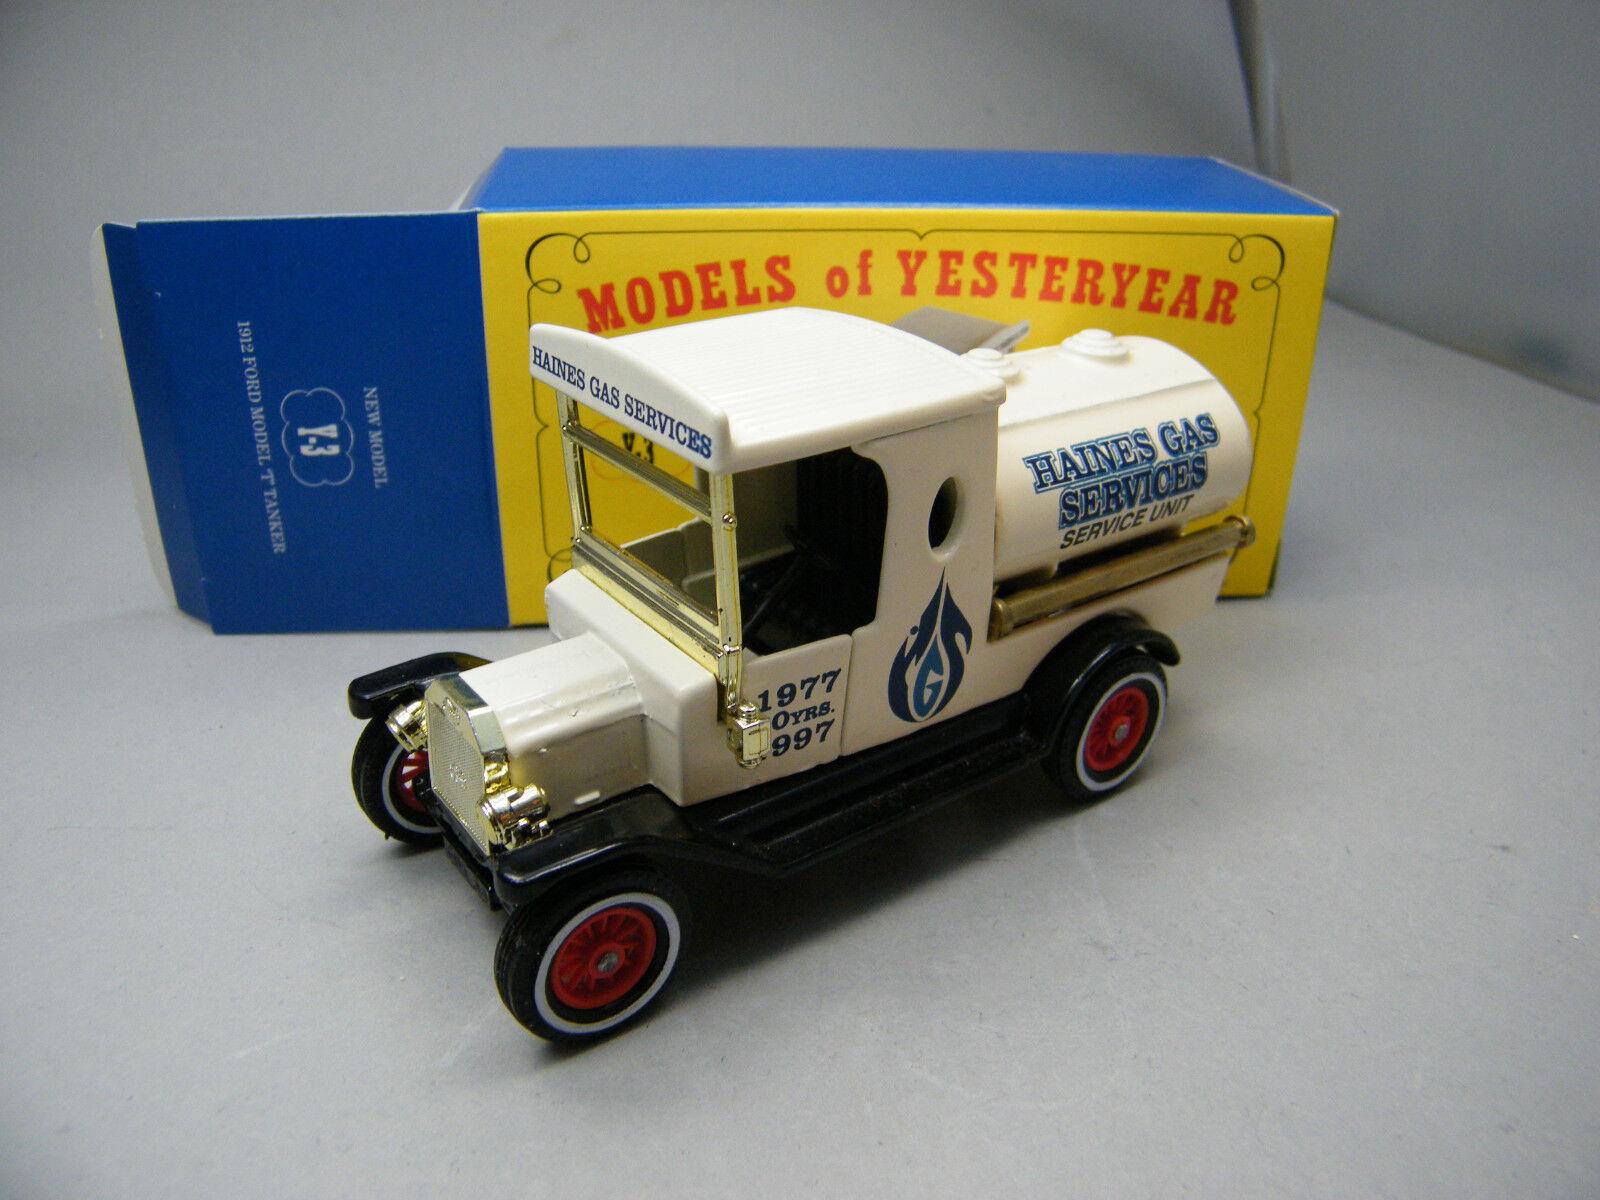 Matchbox MOY c2 y3 Ford  T Haines gaz Australie très rare voir photos neuf dans sa boîte k32  vente d'usine en ligne discount